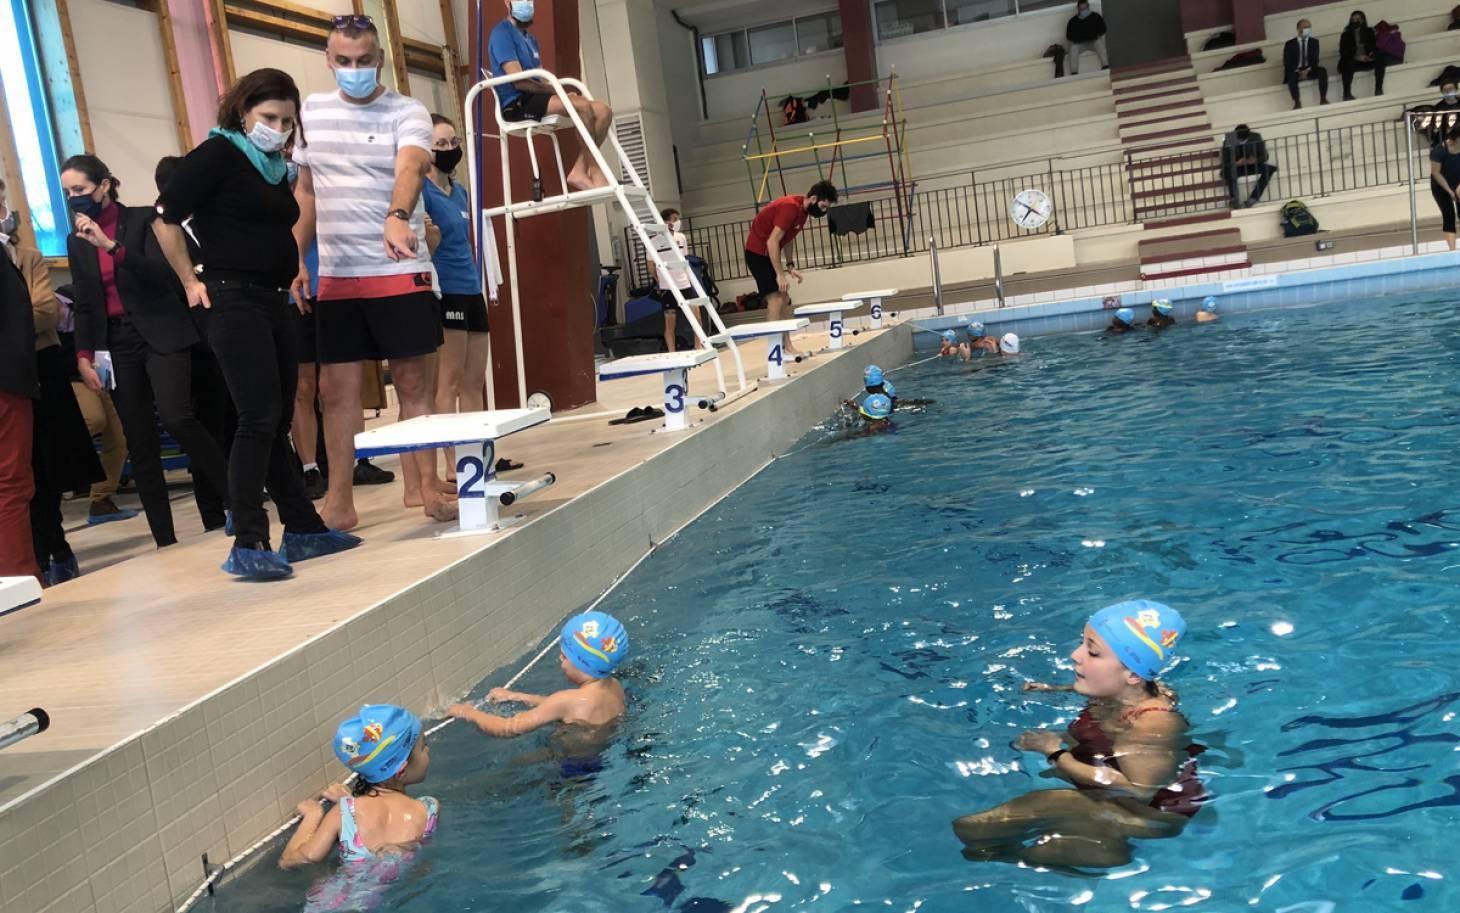 La ministre des Sports défend son plan d'aisance aquatique à Poitiers